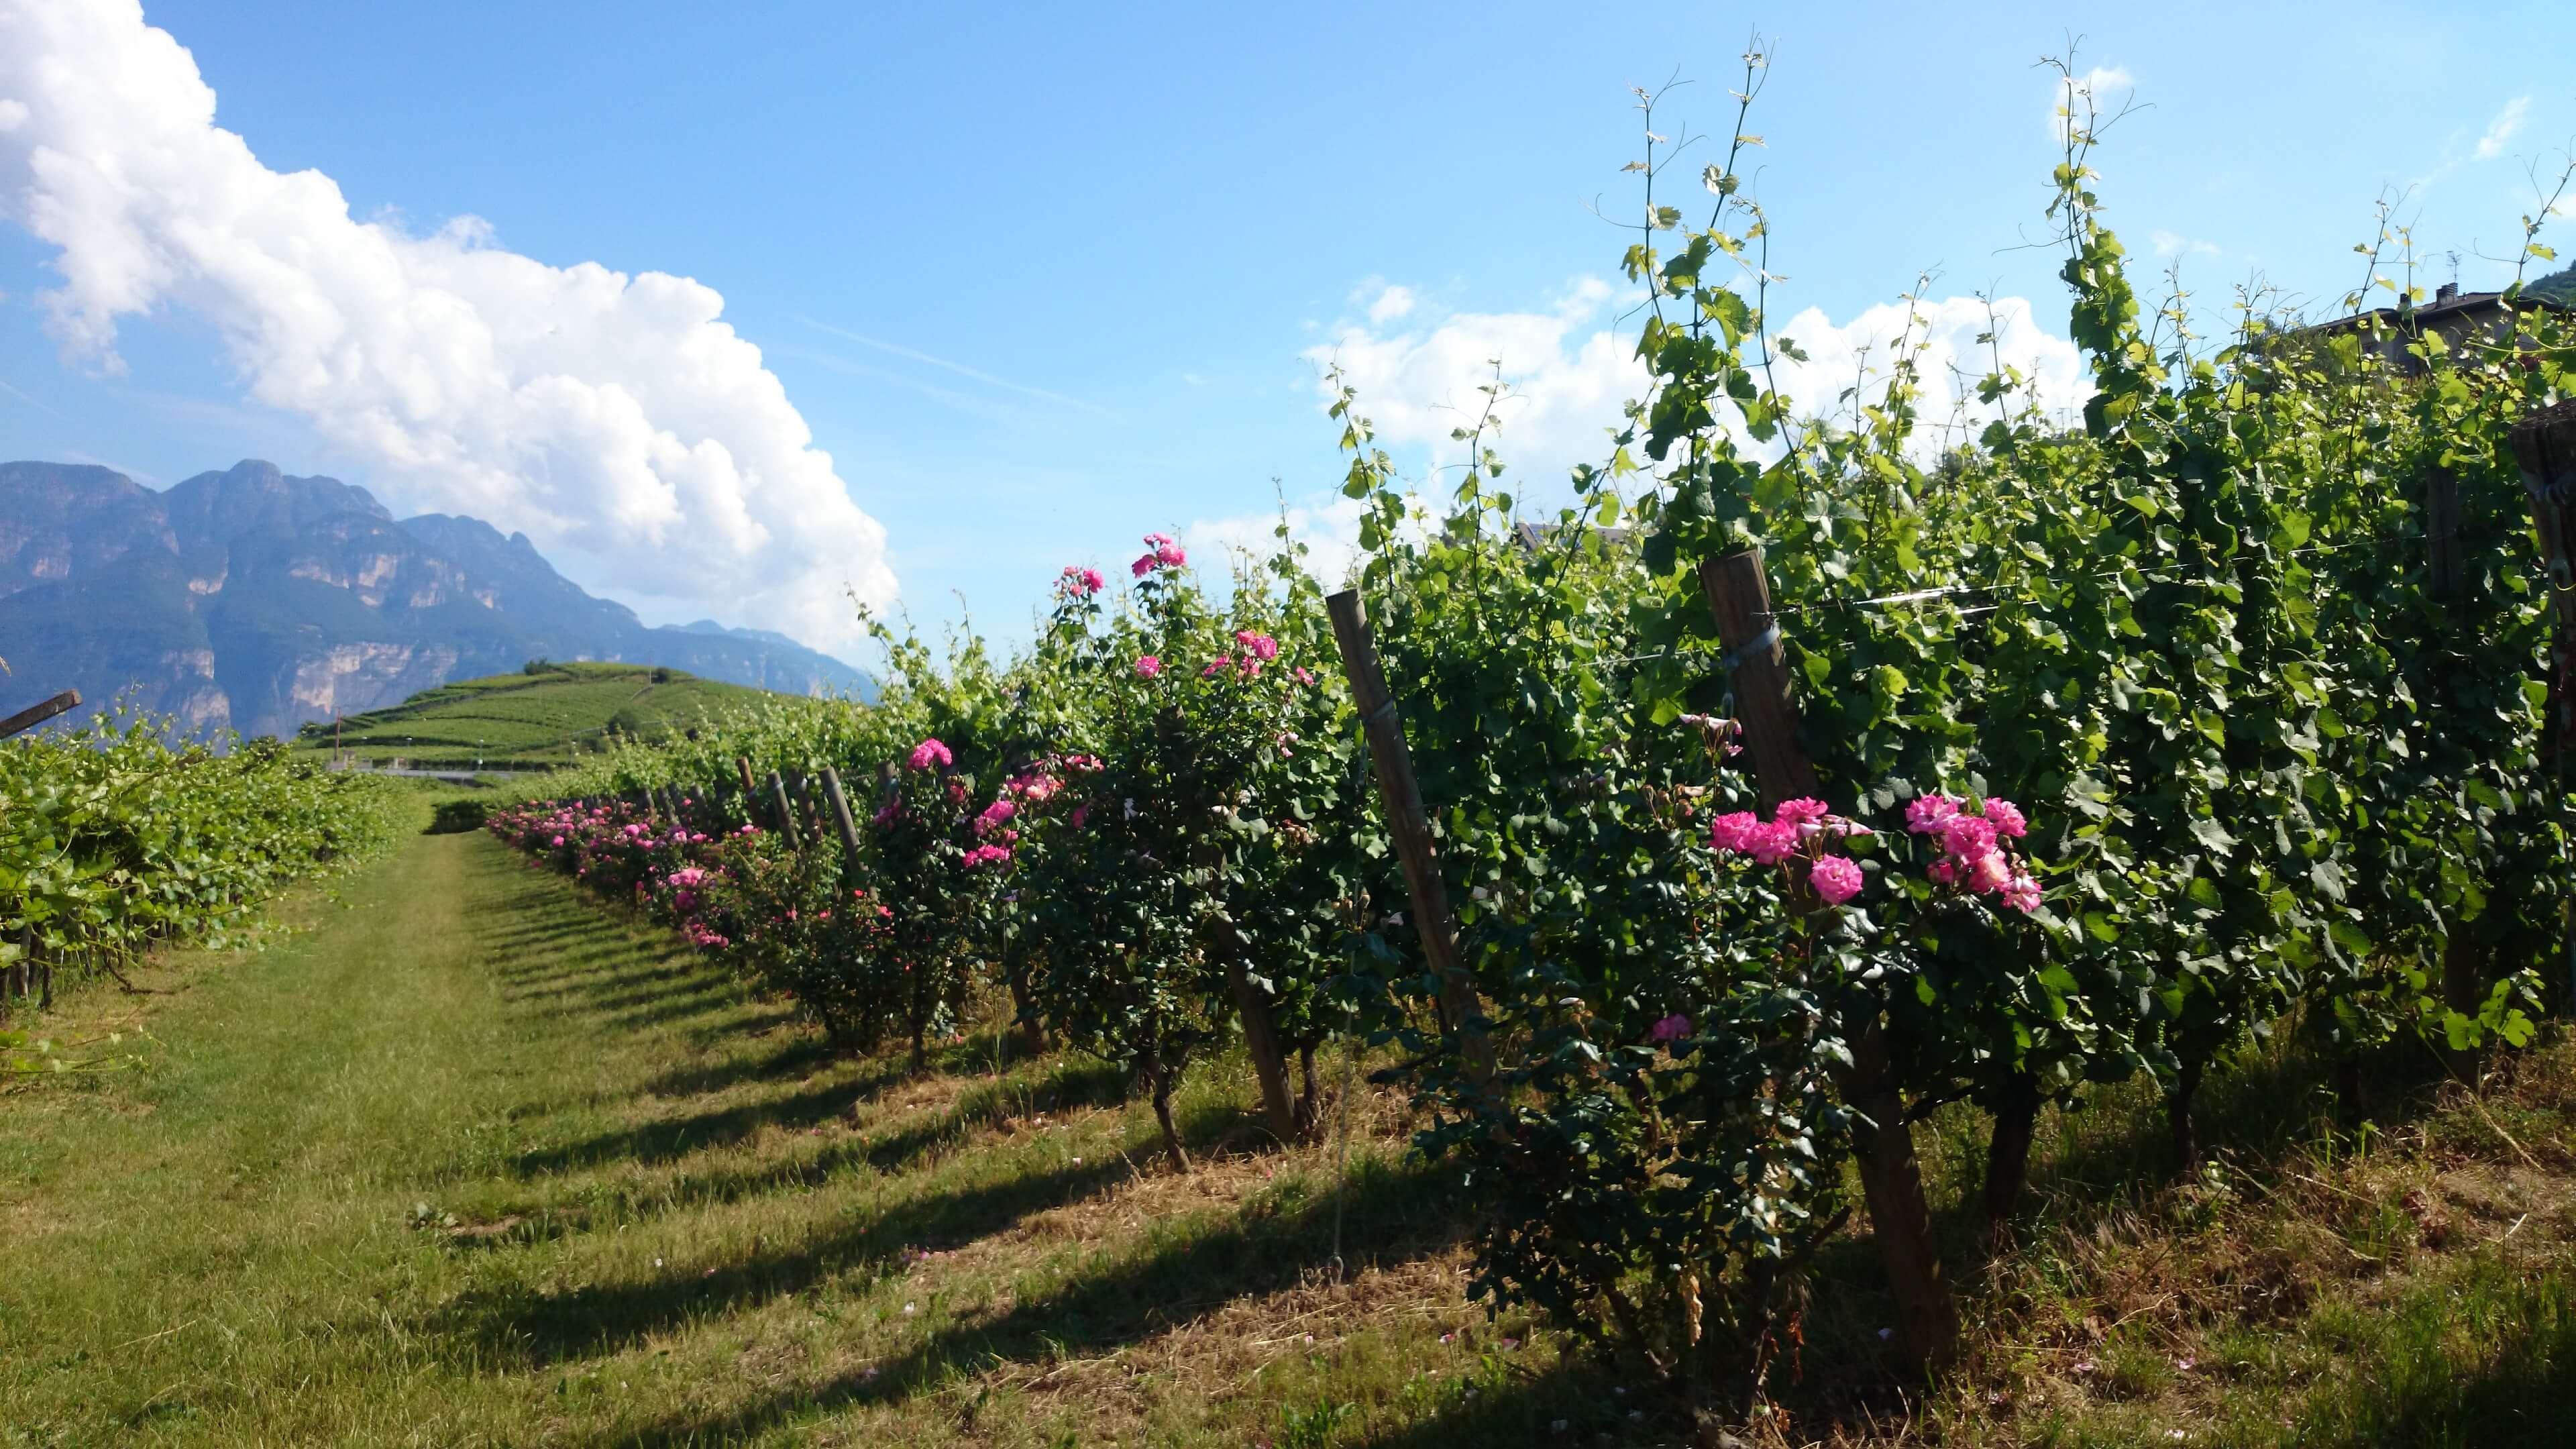 Een wijngaard op de berghellingen in Trentino